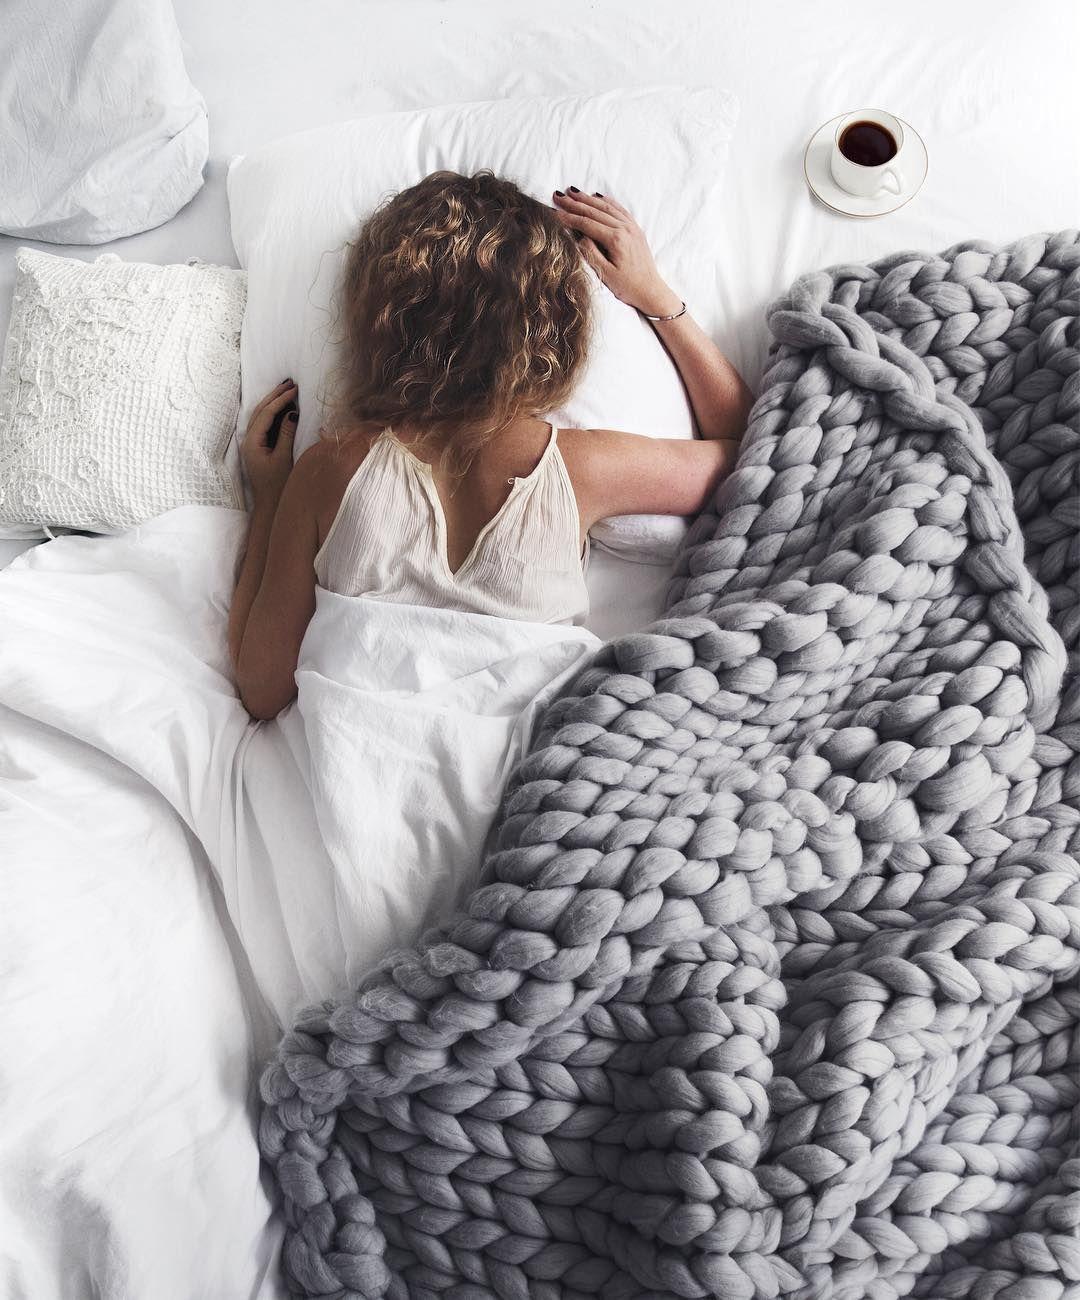 Pin Von Evie Auf Aesthetics Grob Gehakelte Decken Decke